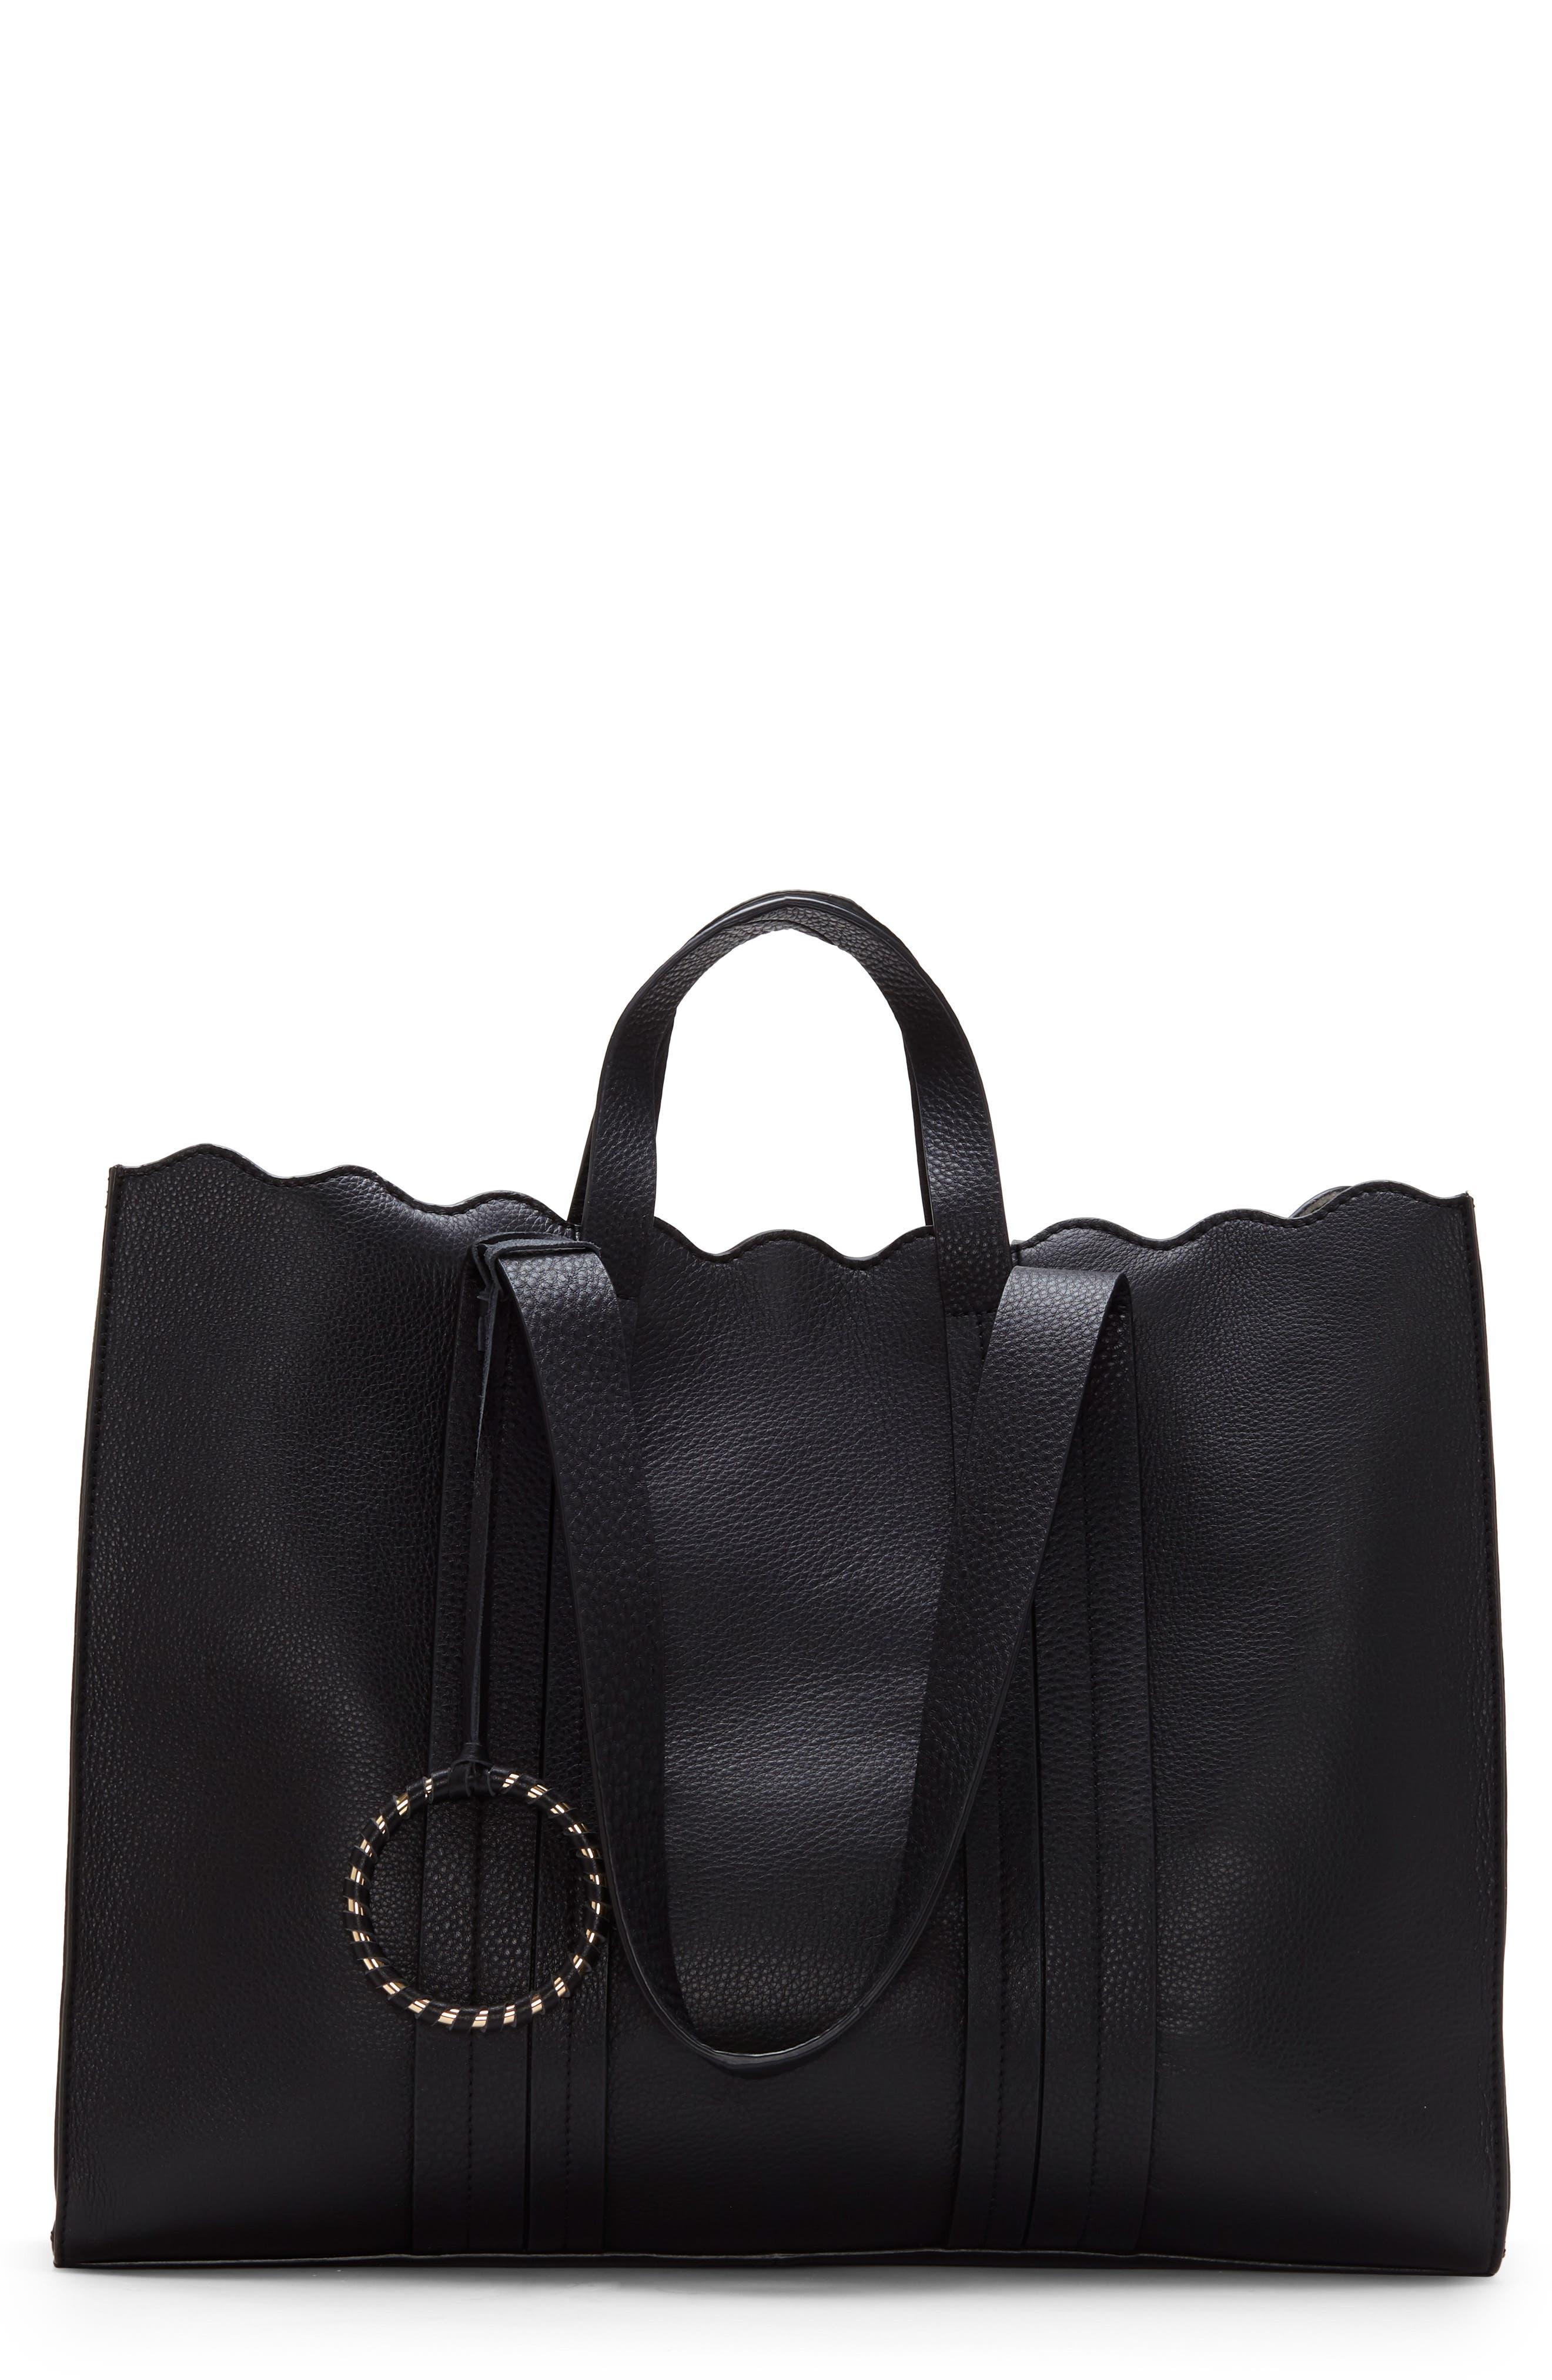 Scallop Leather Tote, Main, color, BLACK